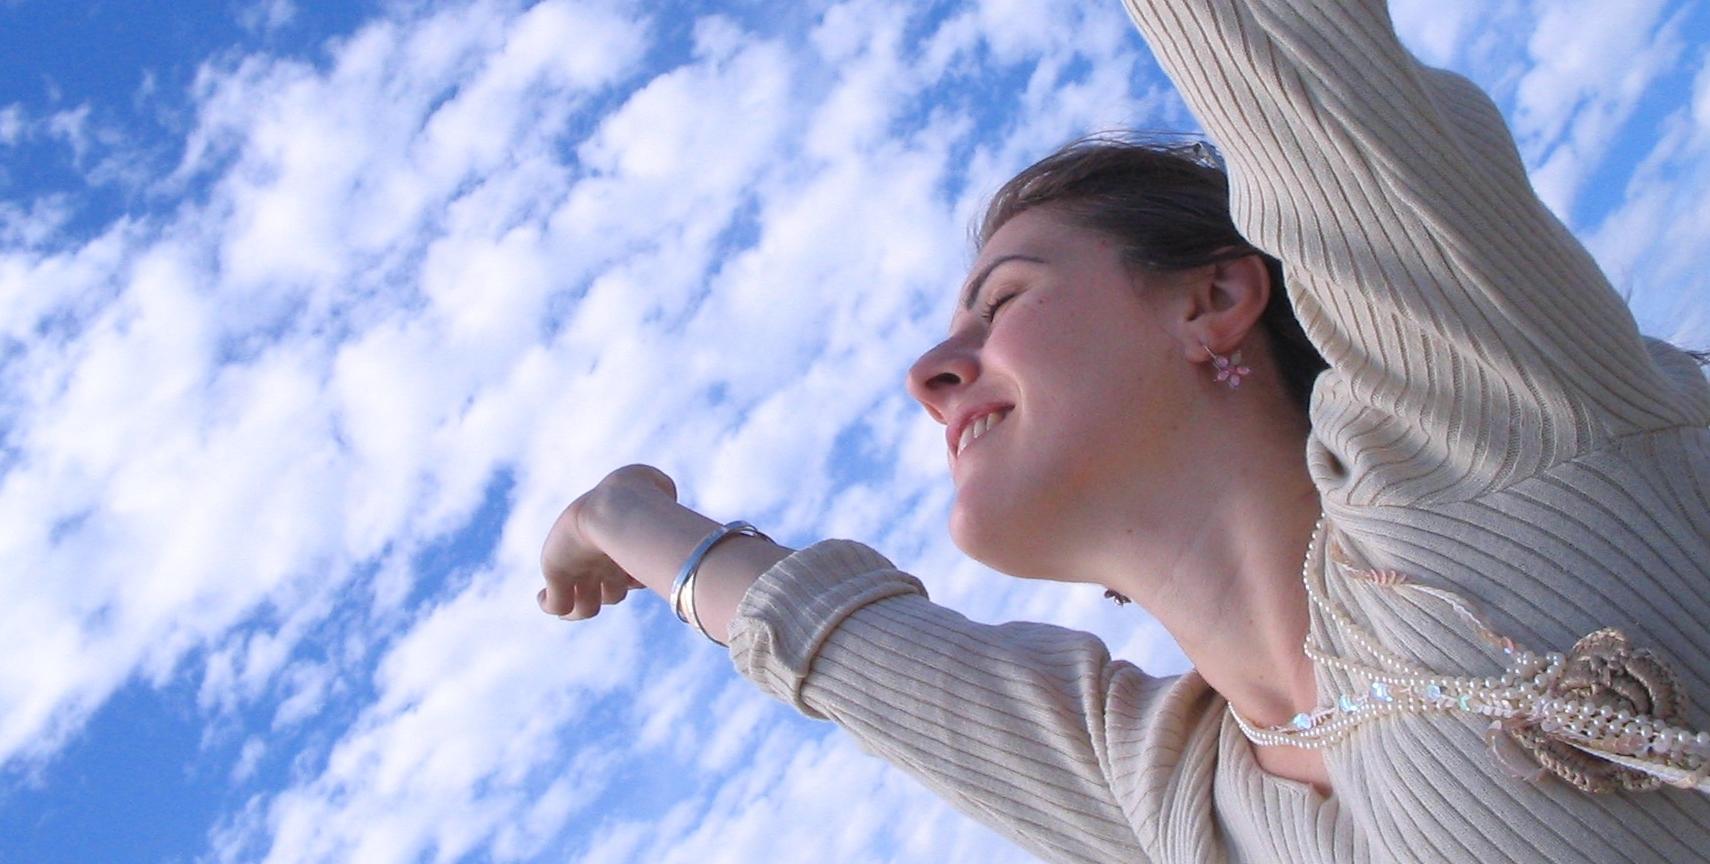 6 tips for å føle seg akseptert av andre